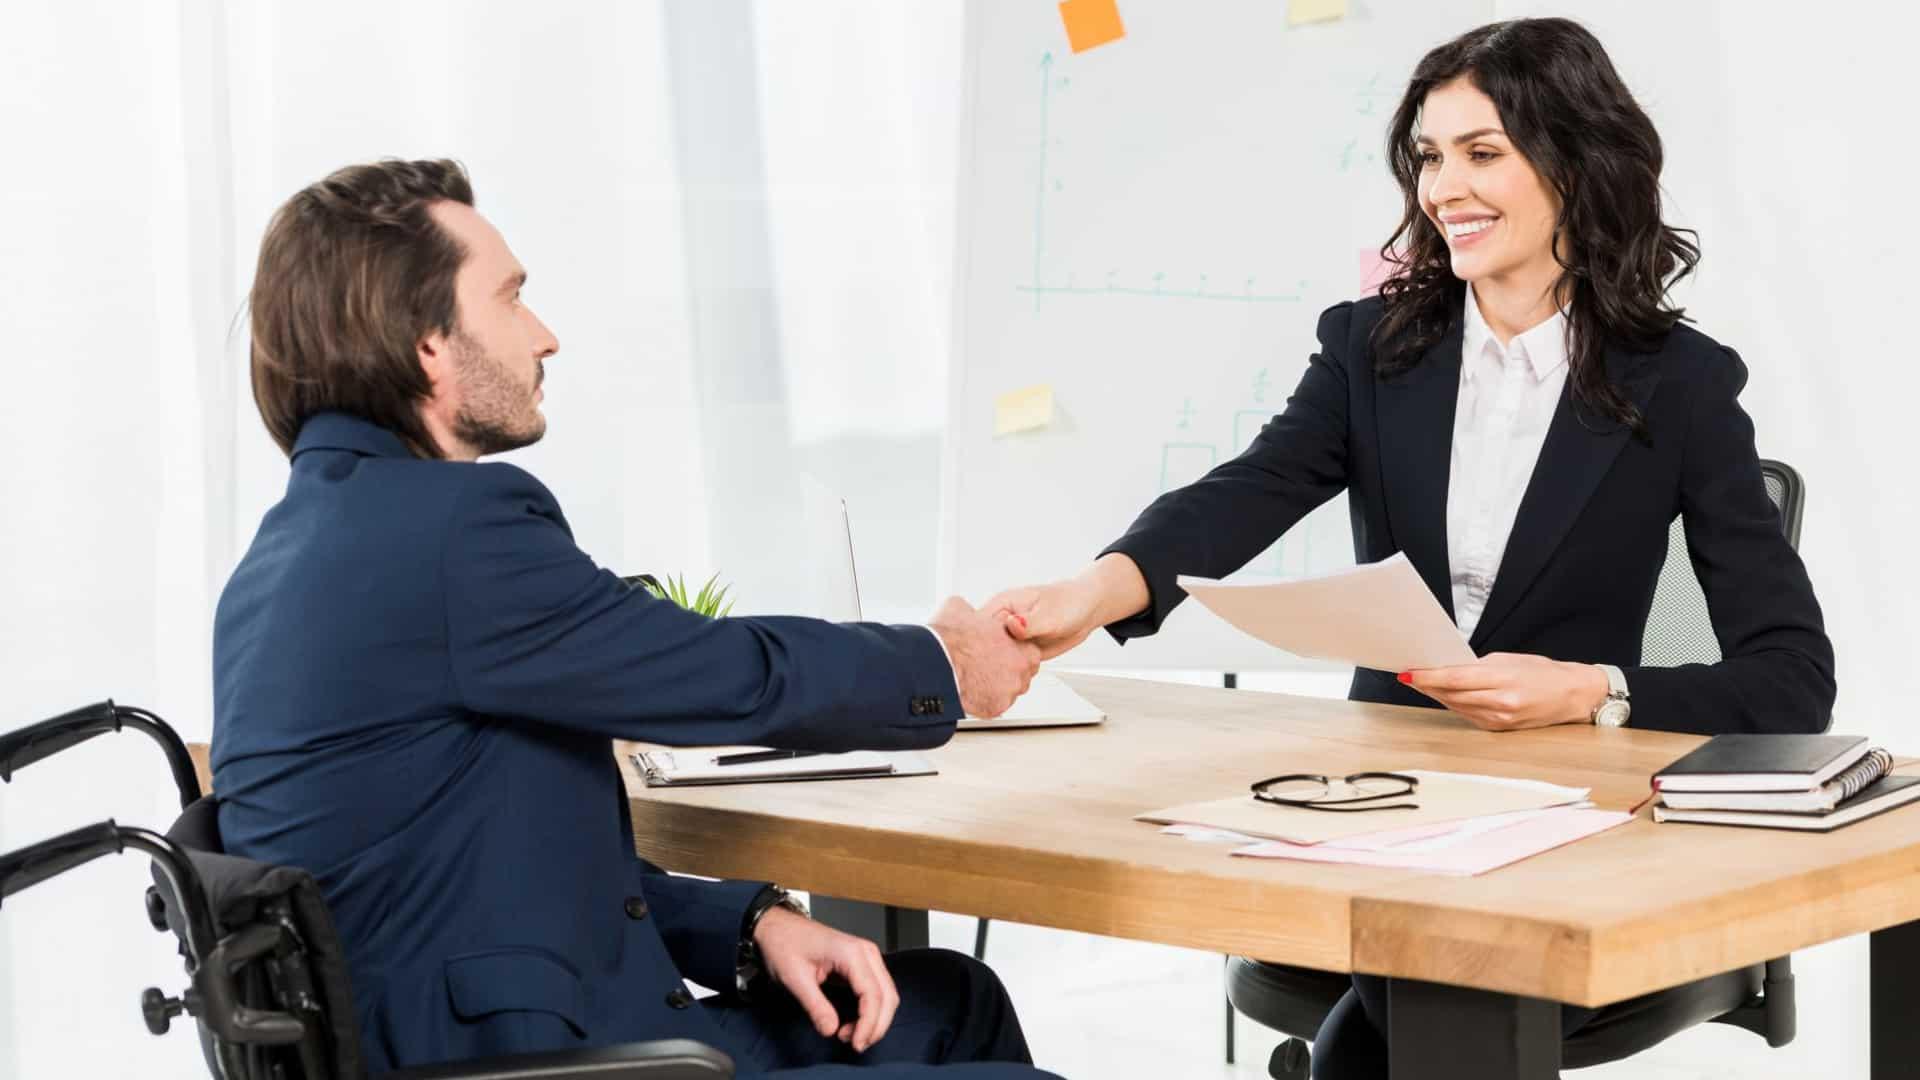 面試錄取後,盡早向公司確認並跑流程,通常公司對人才招募的需求有限,應早點確立關係減少變數